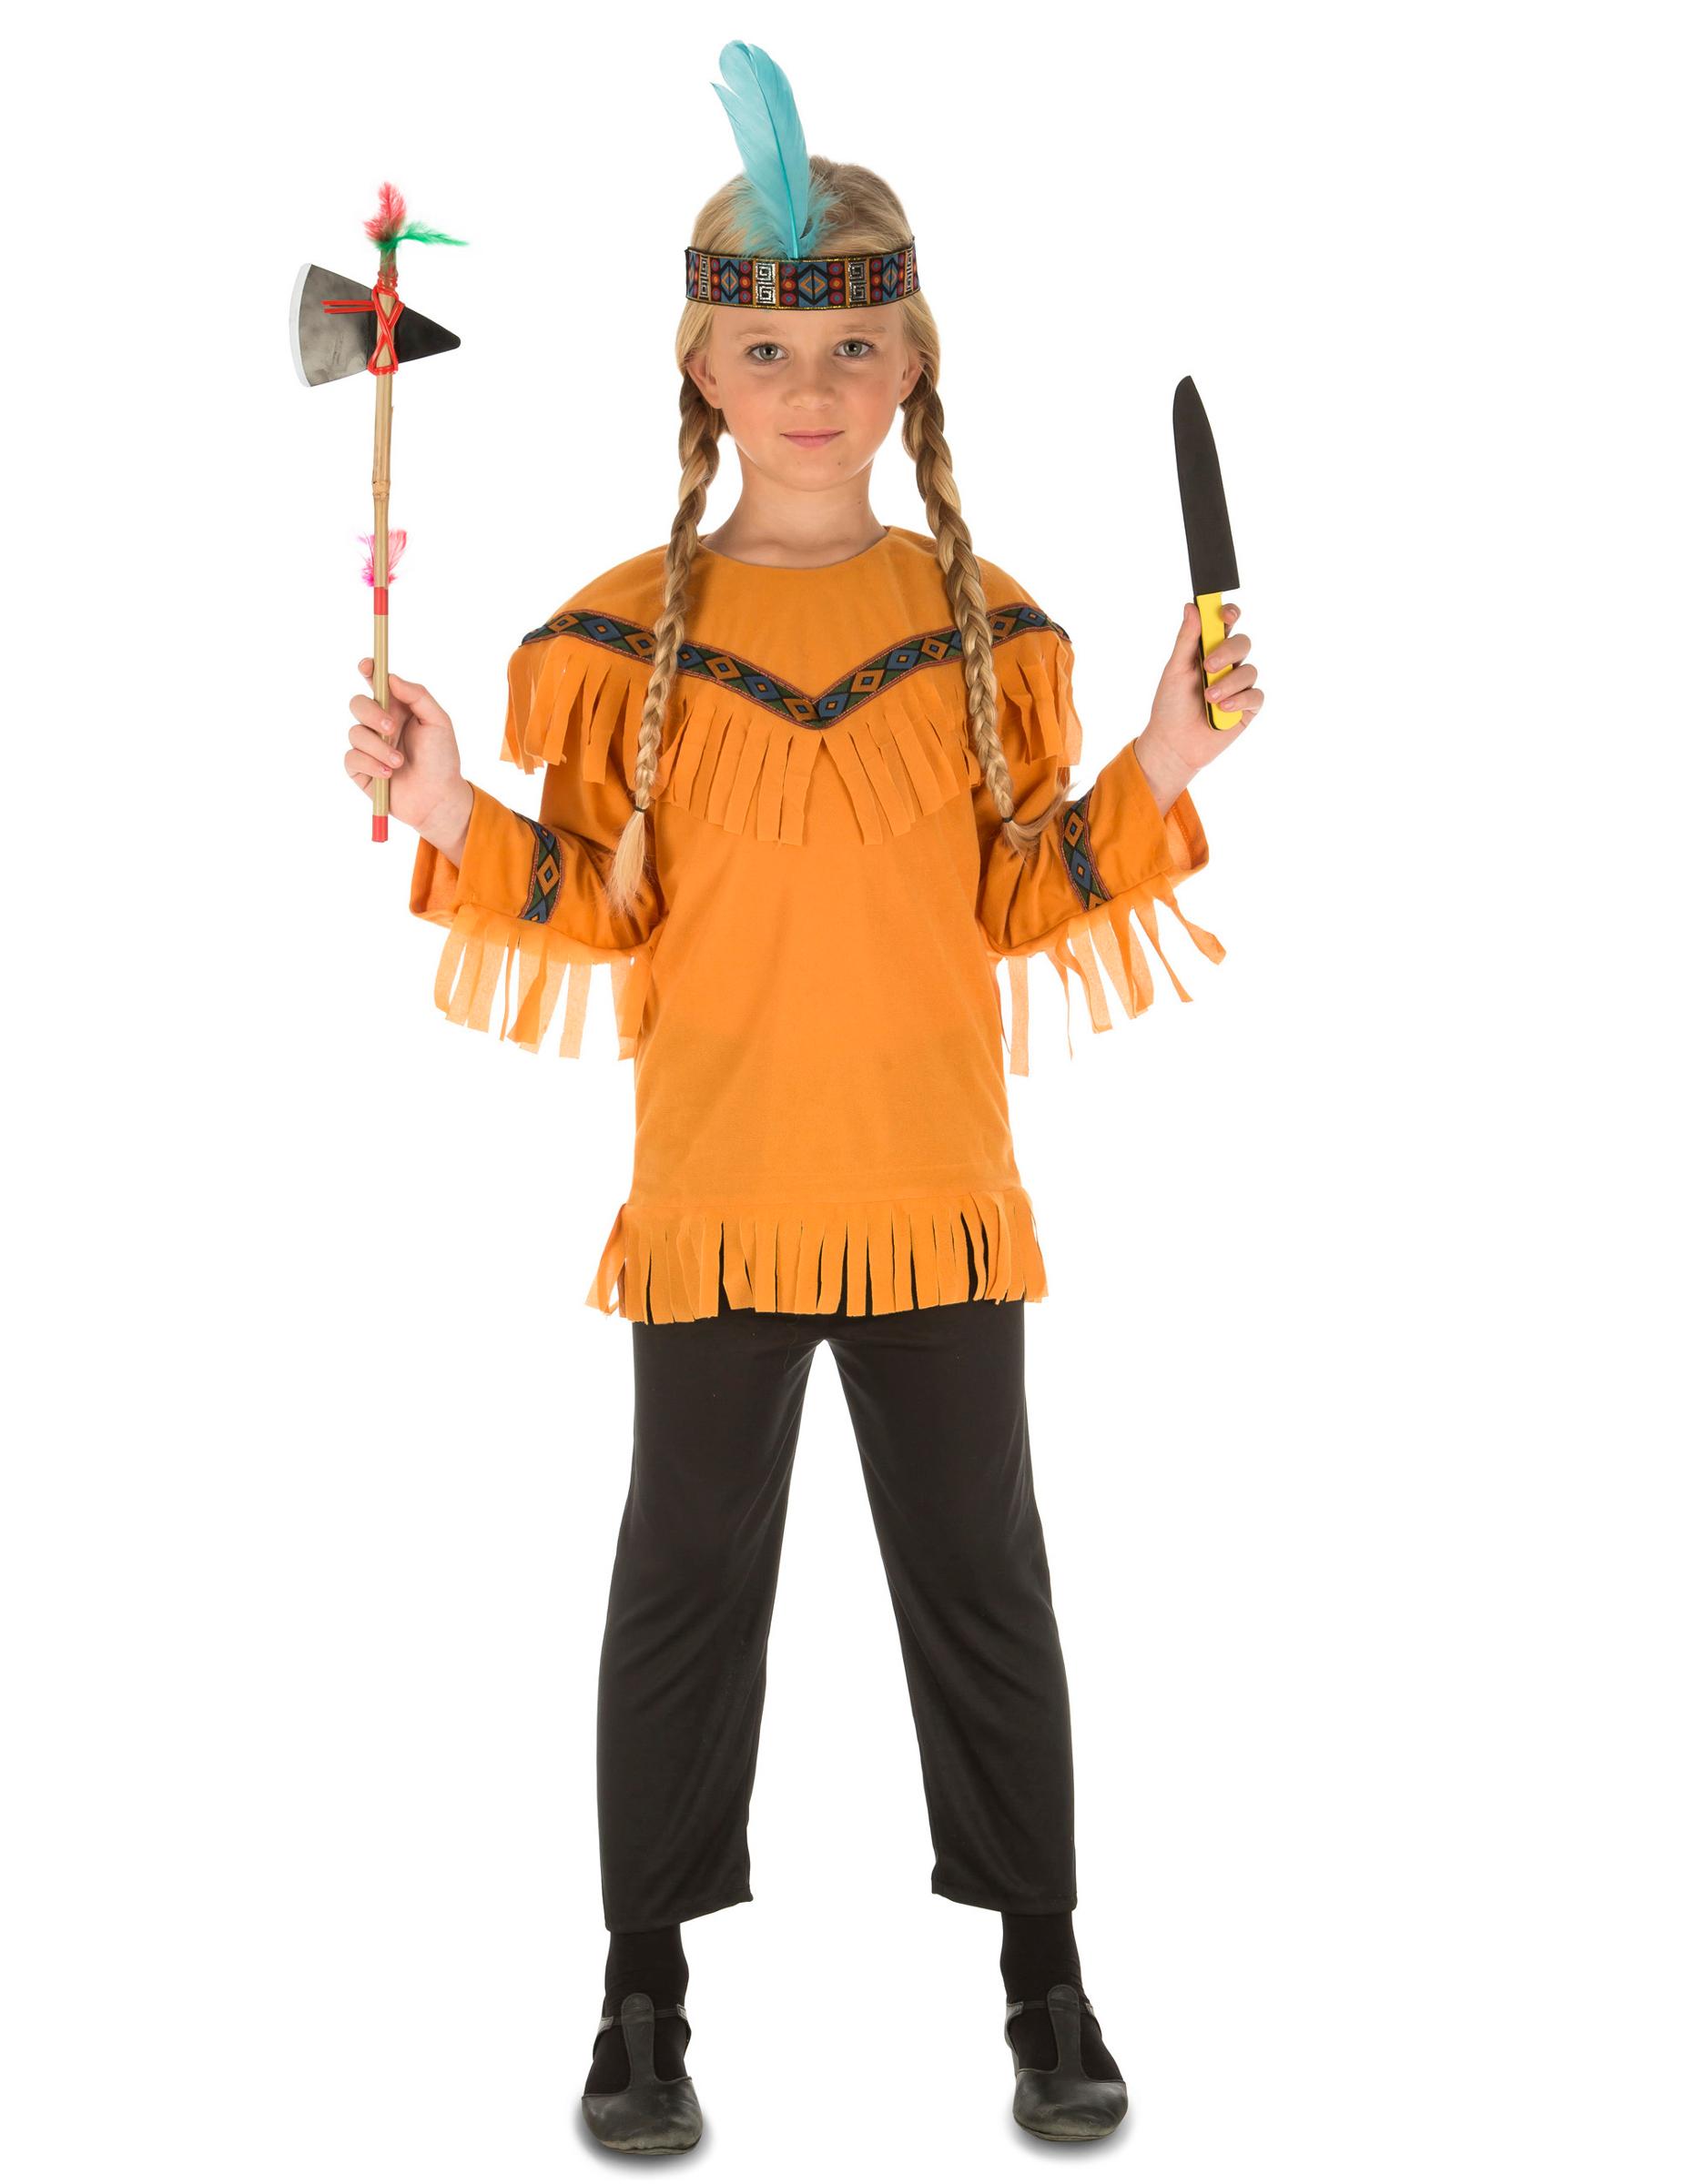 indianer kost m mit zubeh r f r kinder g nstige faschings kost me bei karneval megastore. Black Bedroom Furniture Sets. Home Design Ideas